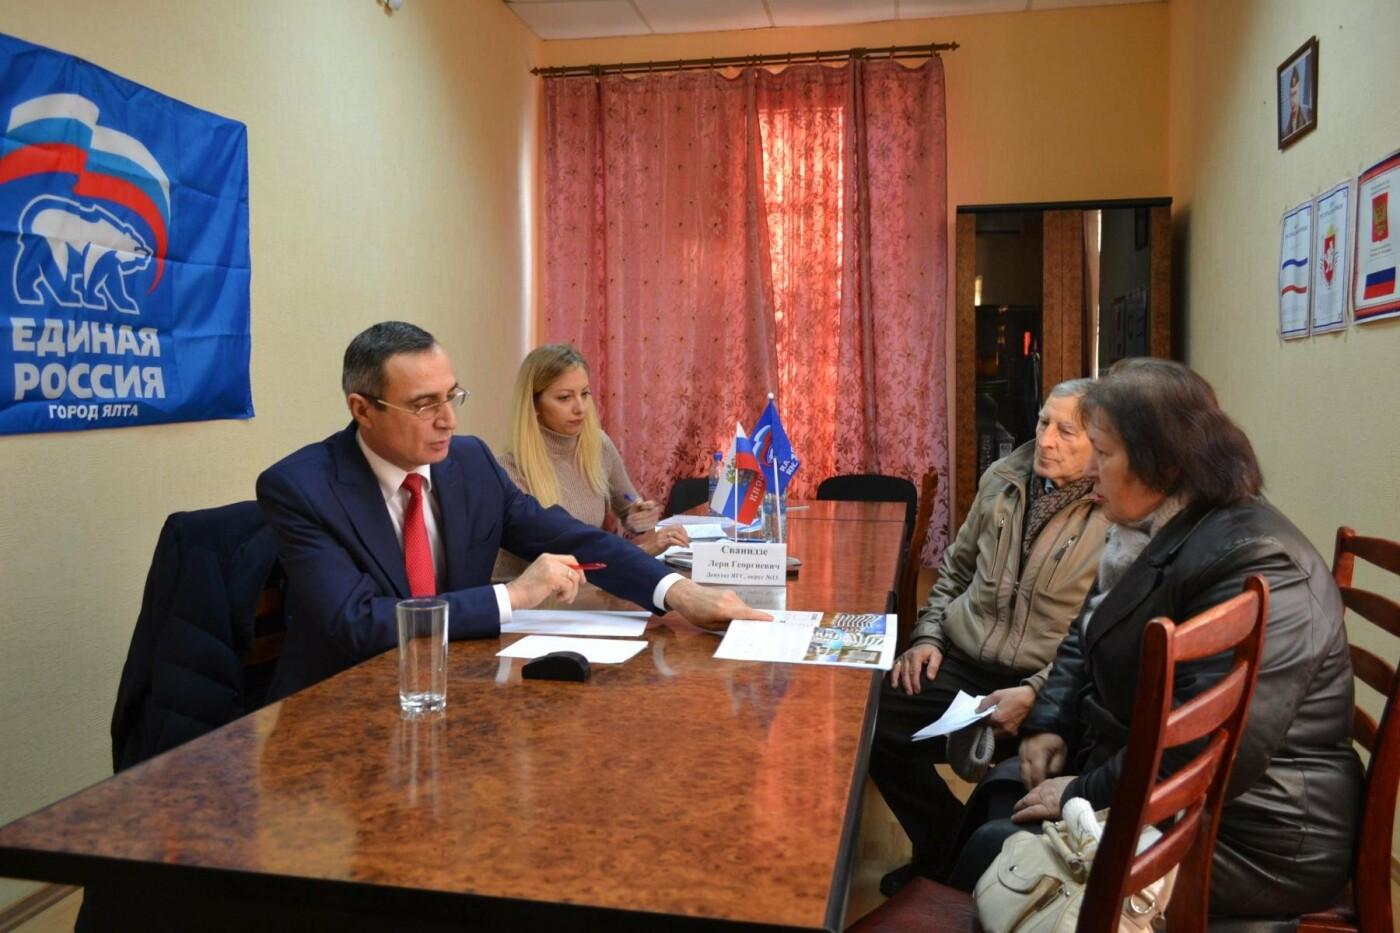 В Кореизе очередной прием граждан провел депутат Ялтинского горсовета Лери Сванидзе, фото-3